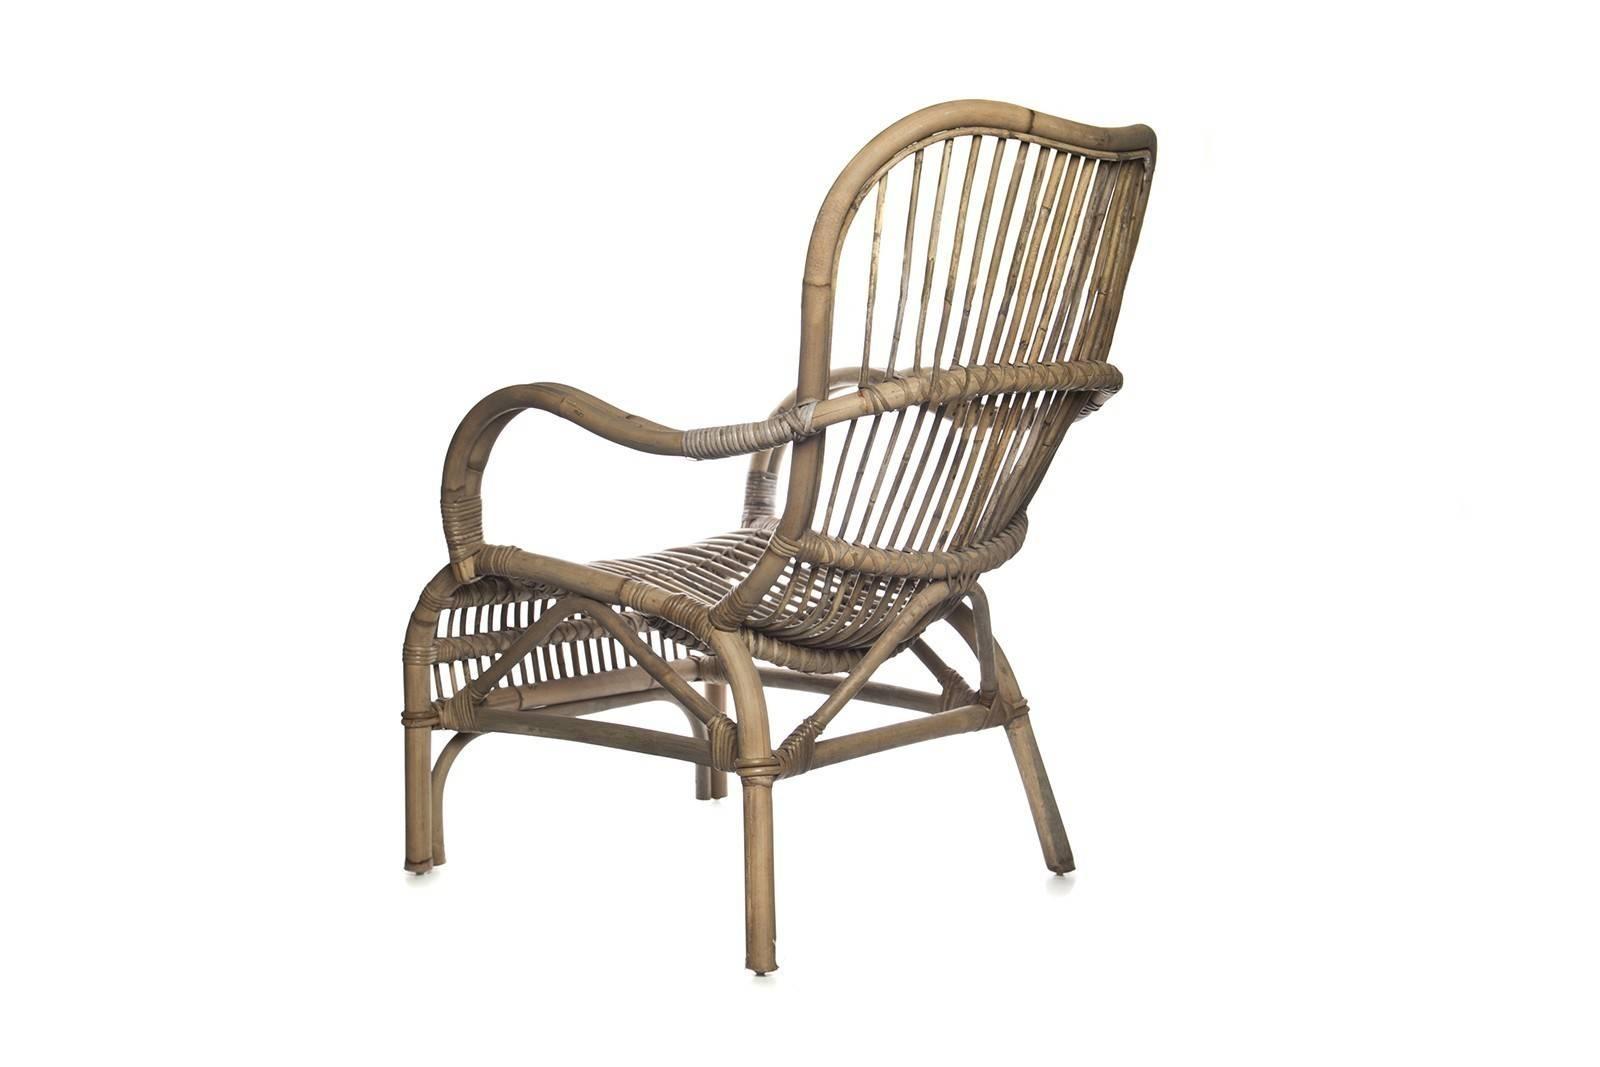 Fotel z rattanu ogrodowy CANNES